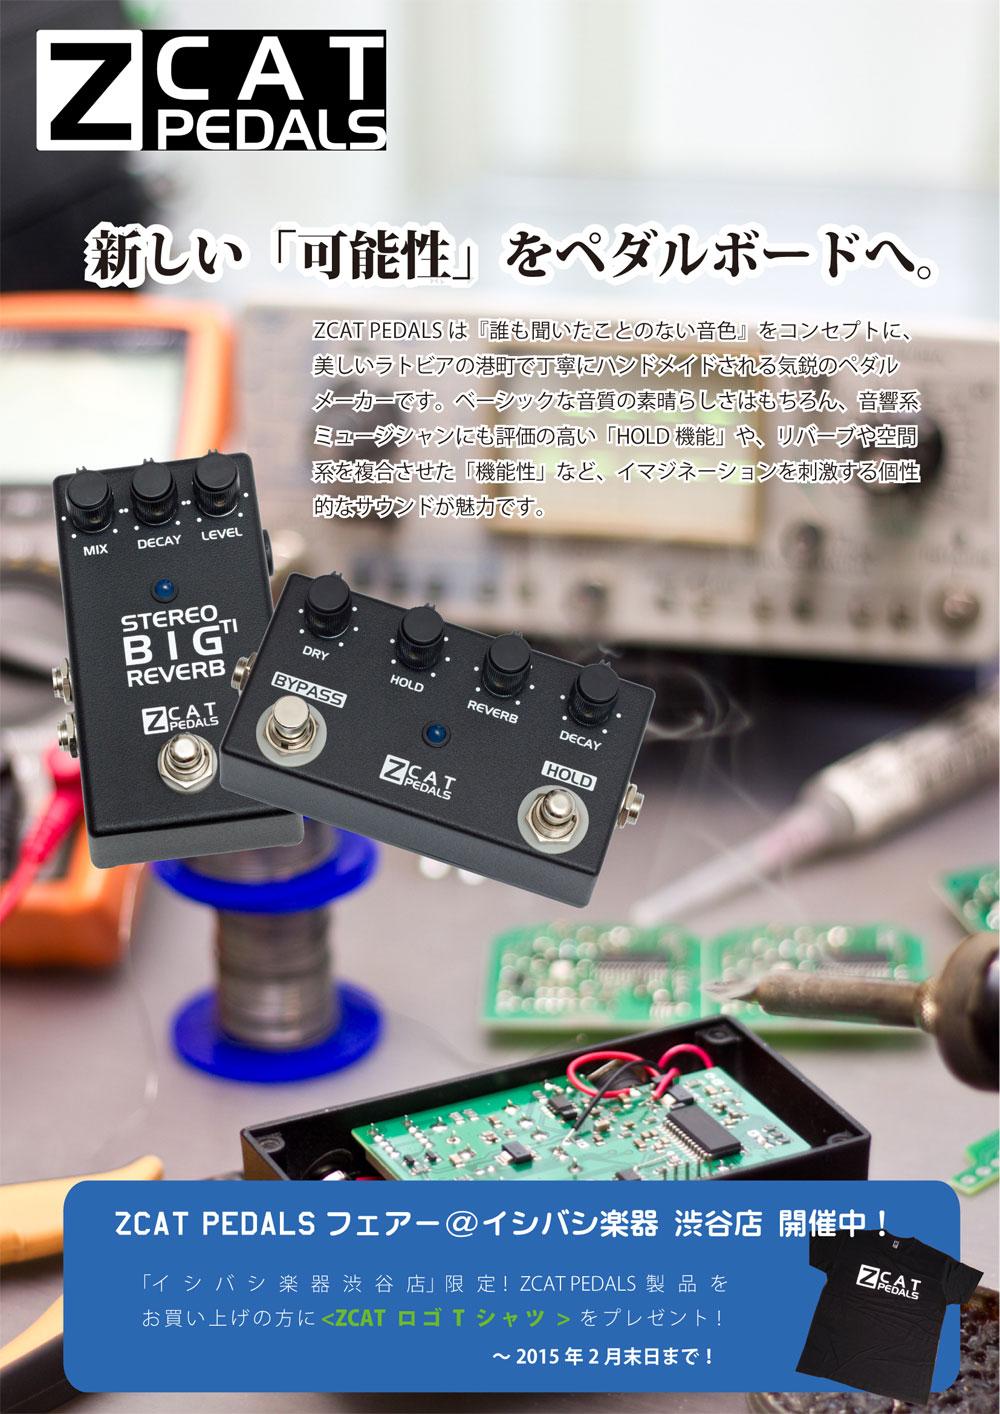 ZCAT-ishibashi-shibuya-poster